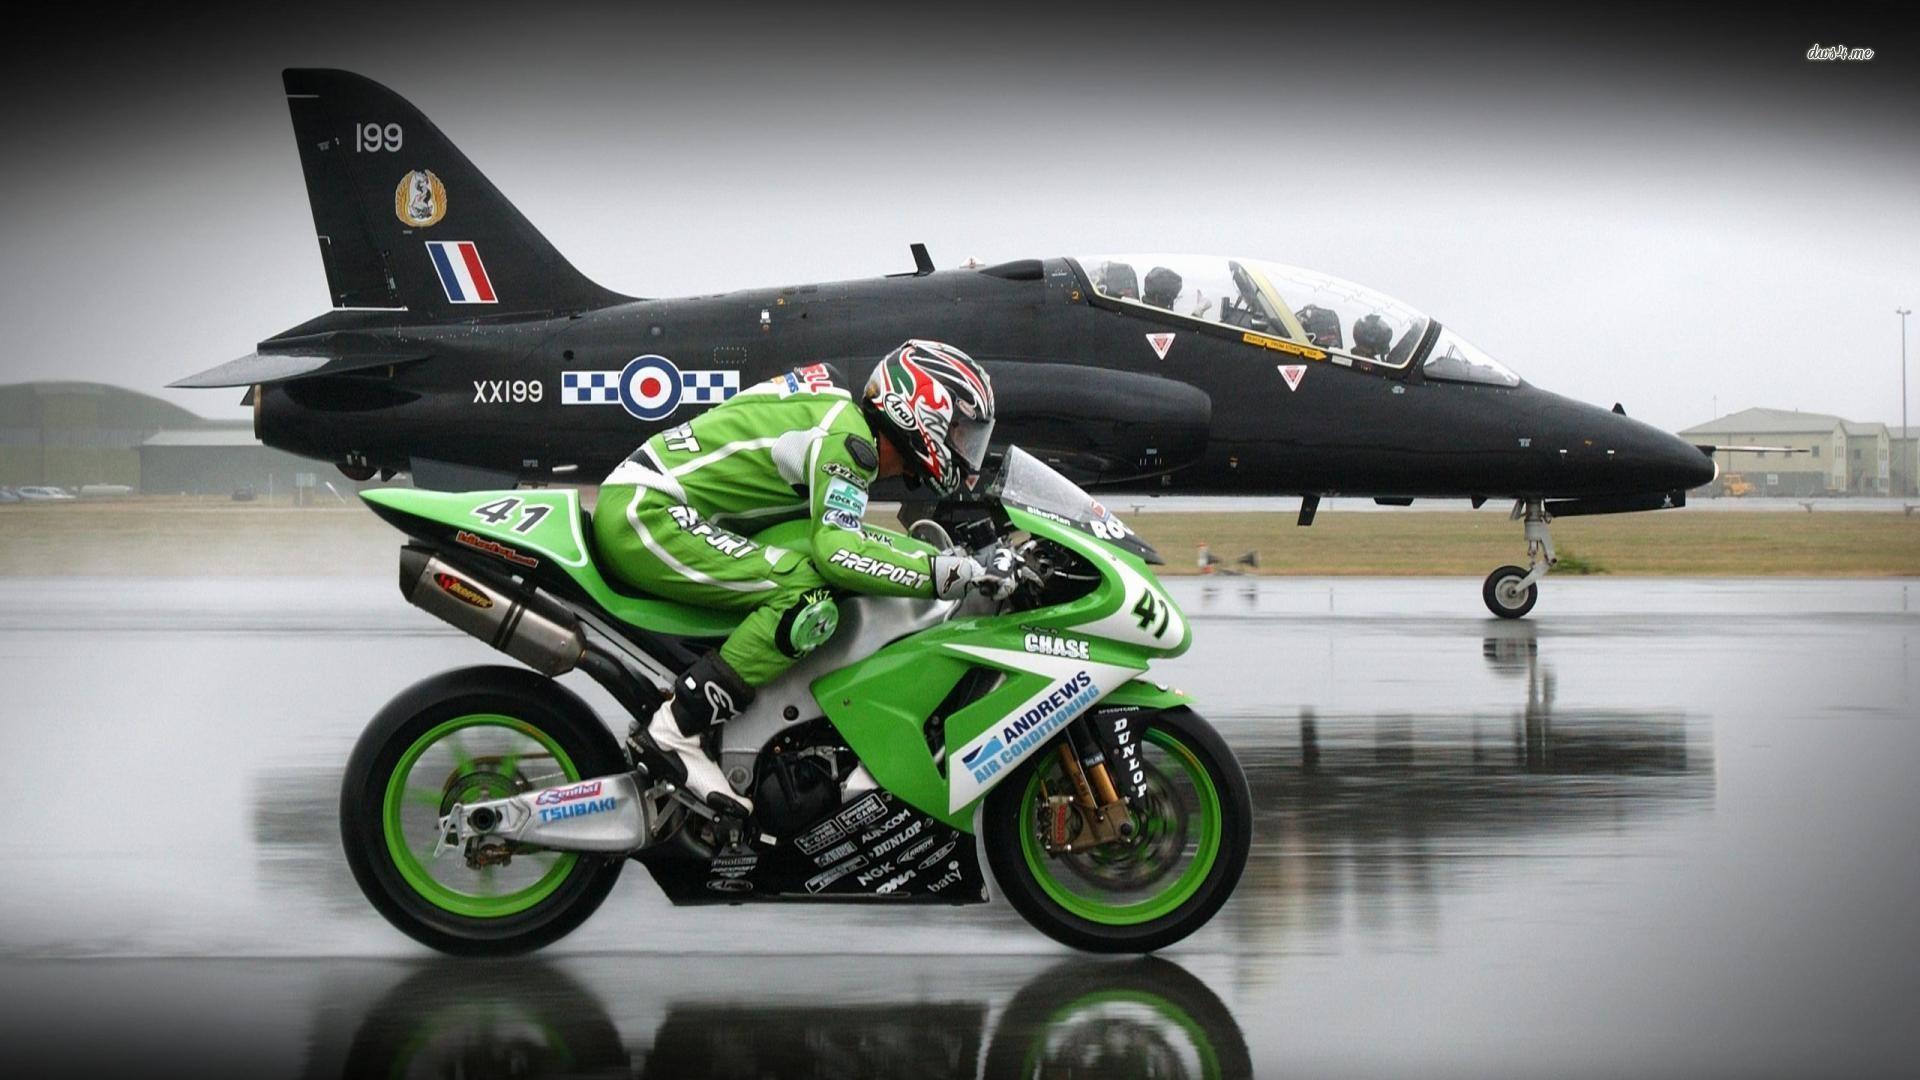 hinh nen sieu xe moto 56